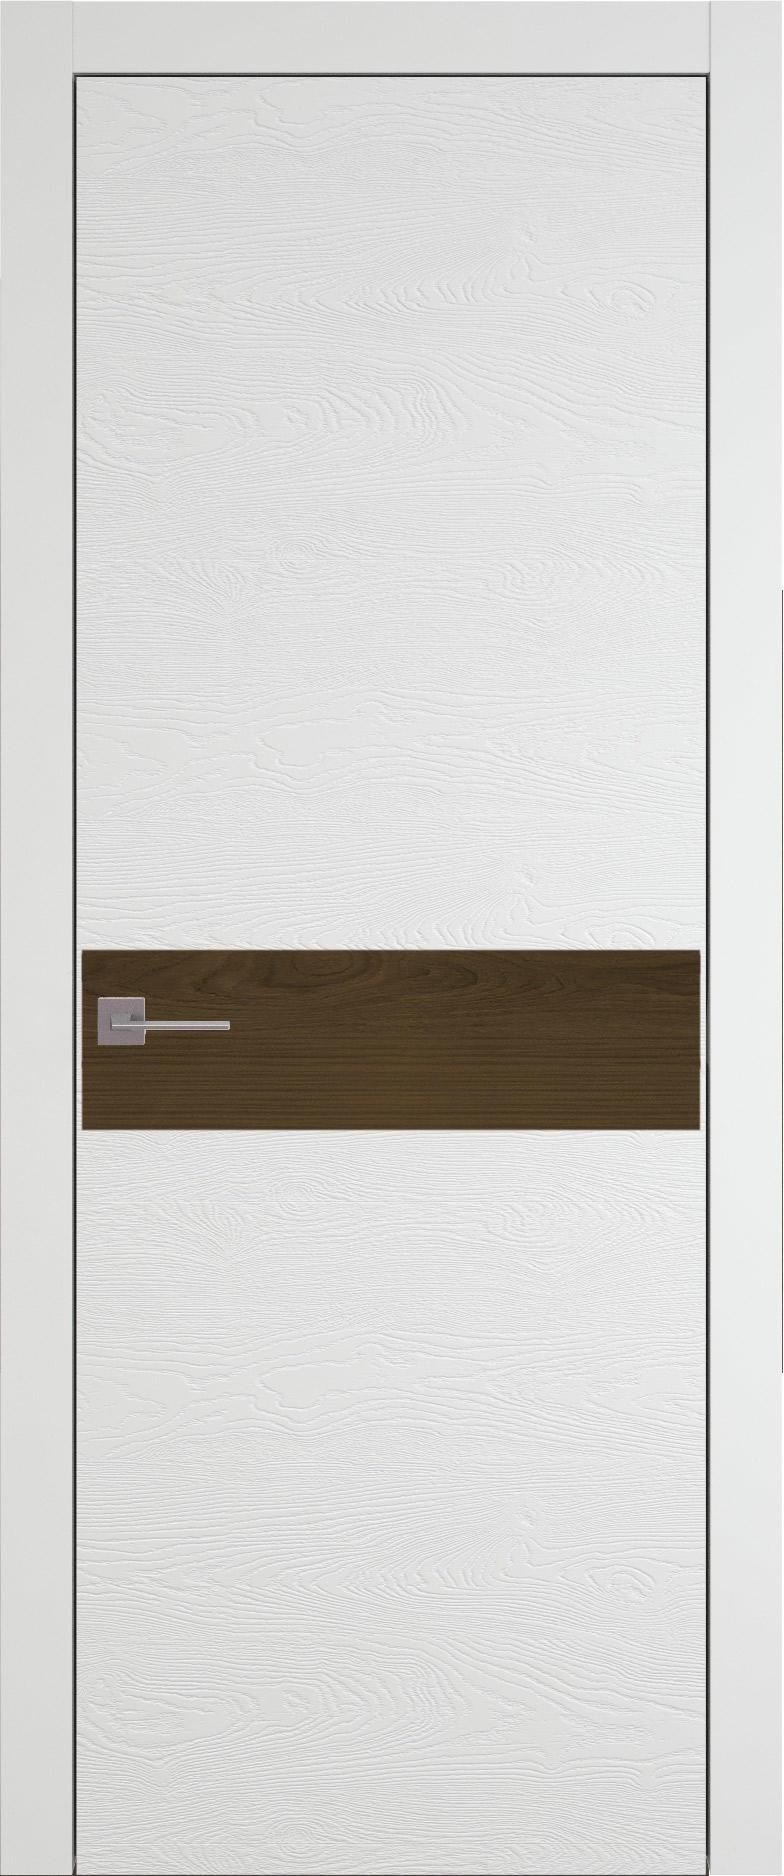 Tivoli И-4 цвет - Белая эмаль по шпону (RAL 9003) Без стекла (ДГ)